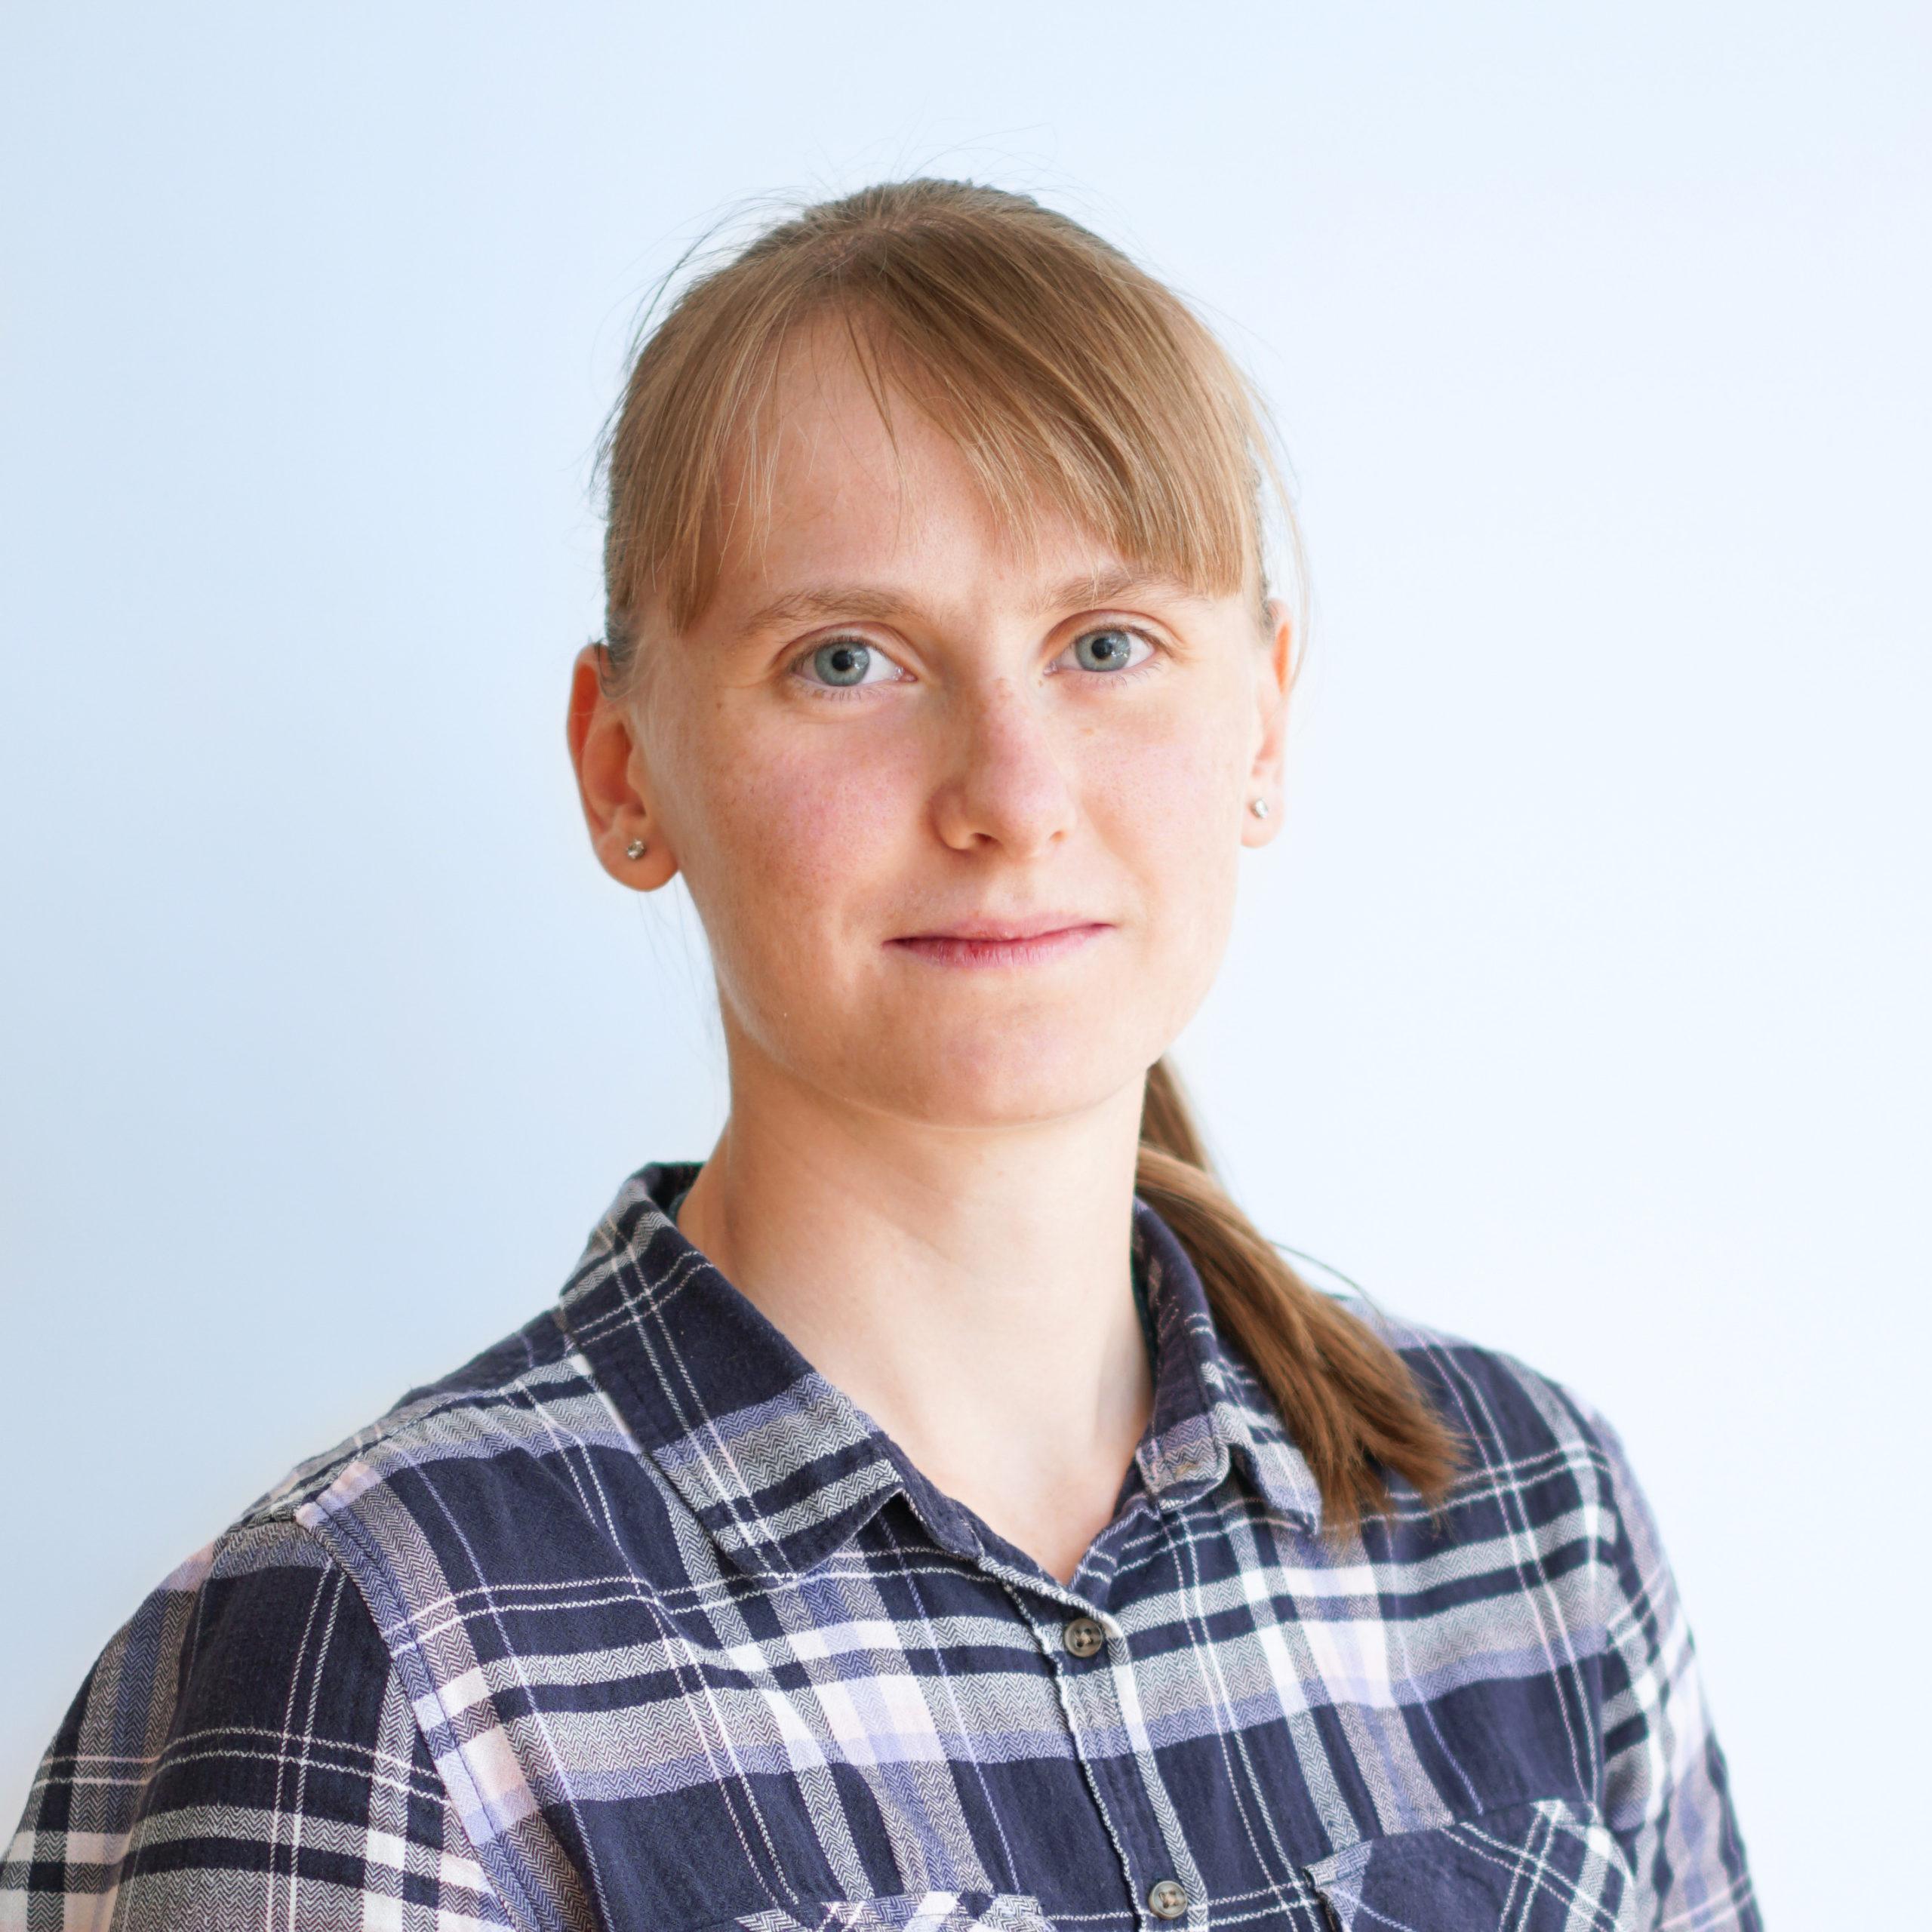 Самаричева Екатерина Сергеевна